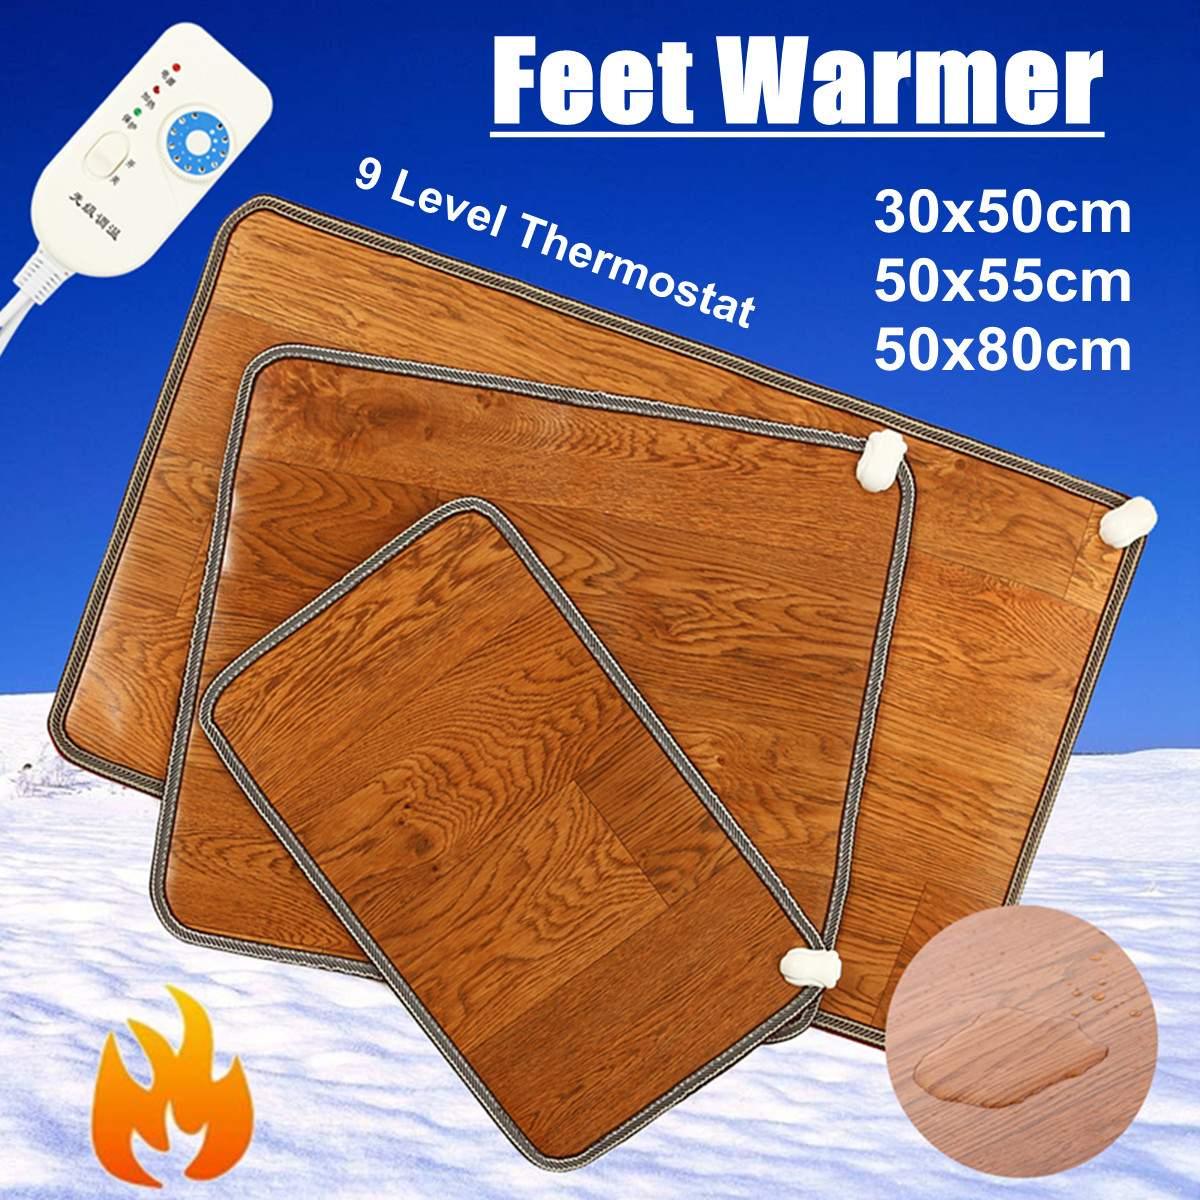 3 Ukuran Musim Dingin Pemanasan Kaki Tikar Kantor Rumah Pemanas Listrik Pad Hangat Kaki Thermostat Karpet Kulit Rumah Tangga Pemanasan Alat